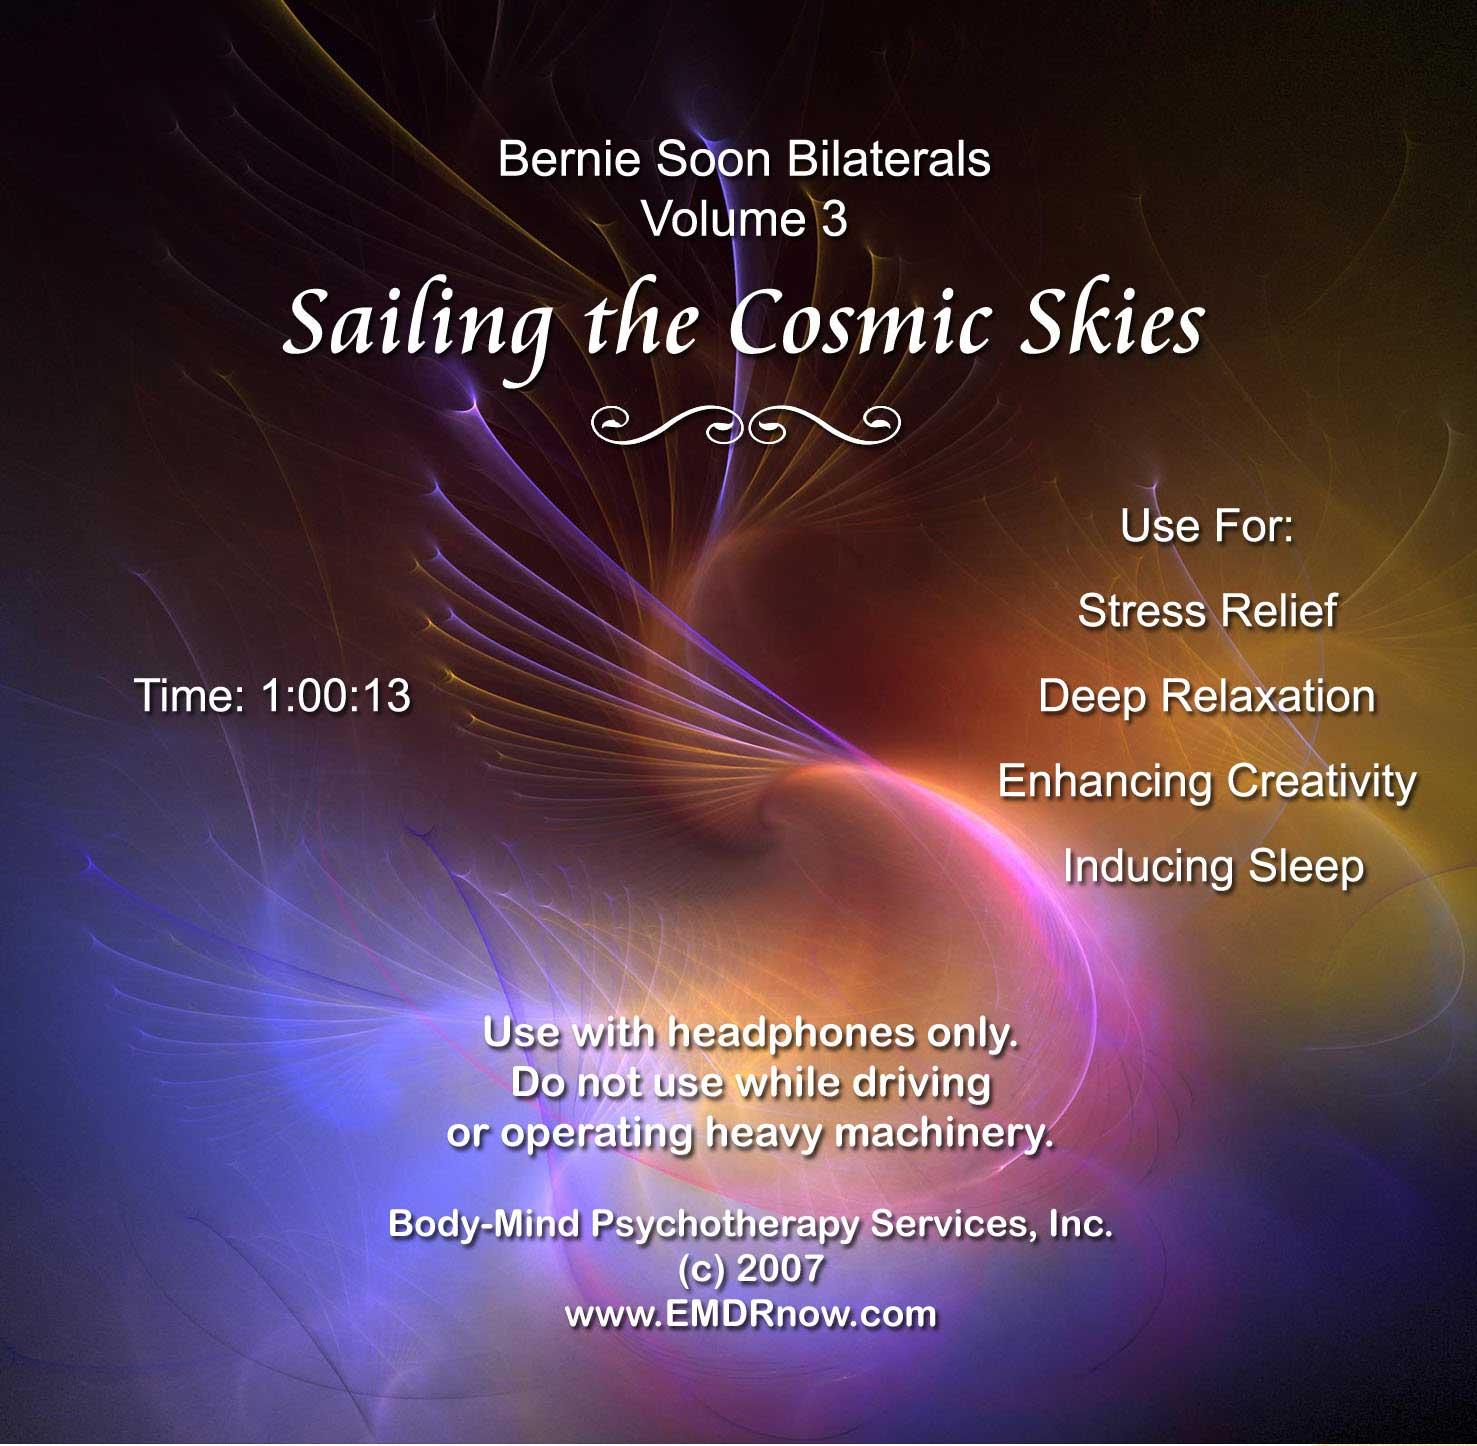 EMDR Bilateral CD Vol 3 Sailing the Cosmic Skies